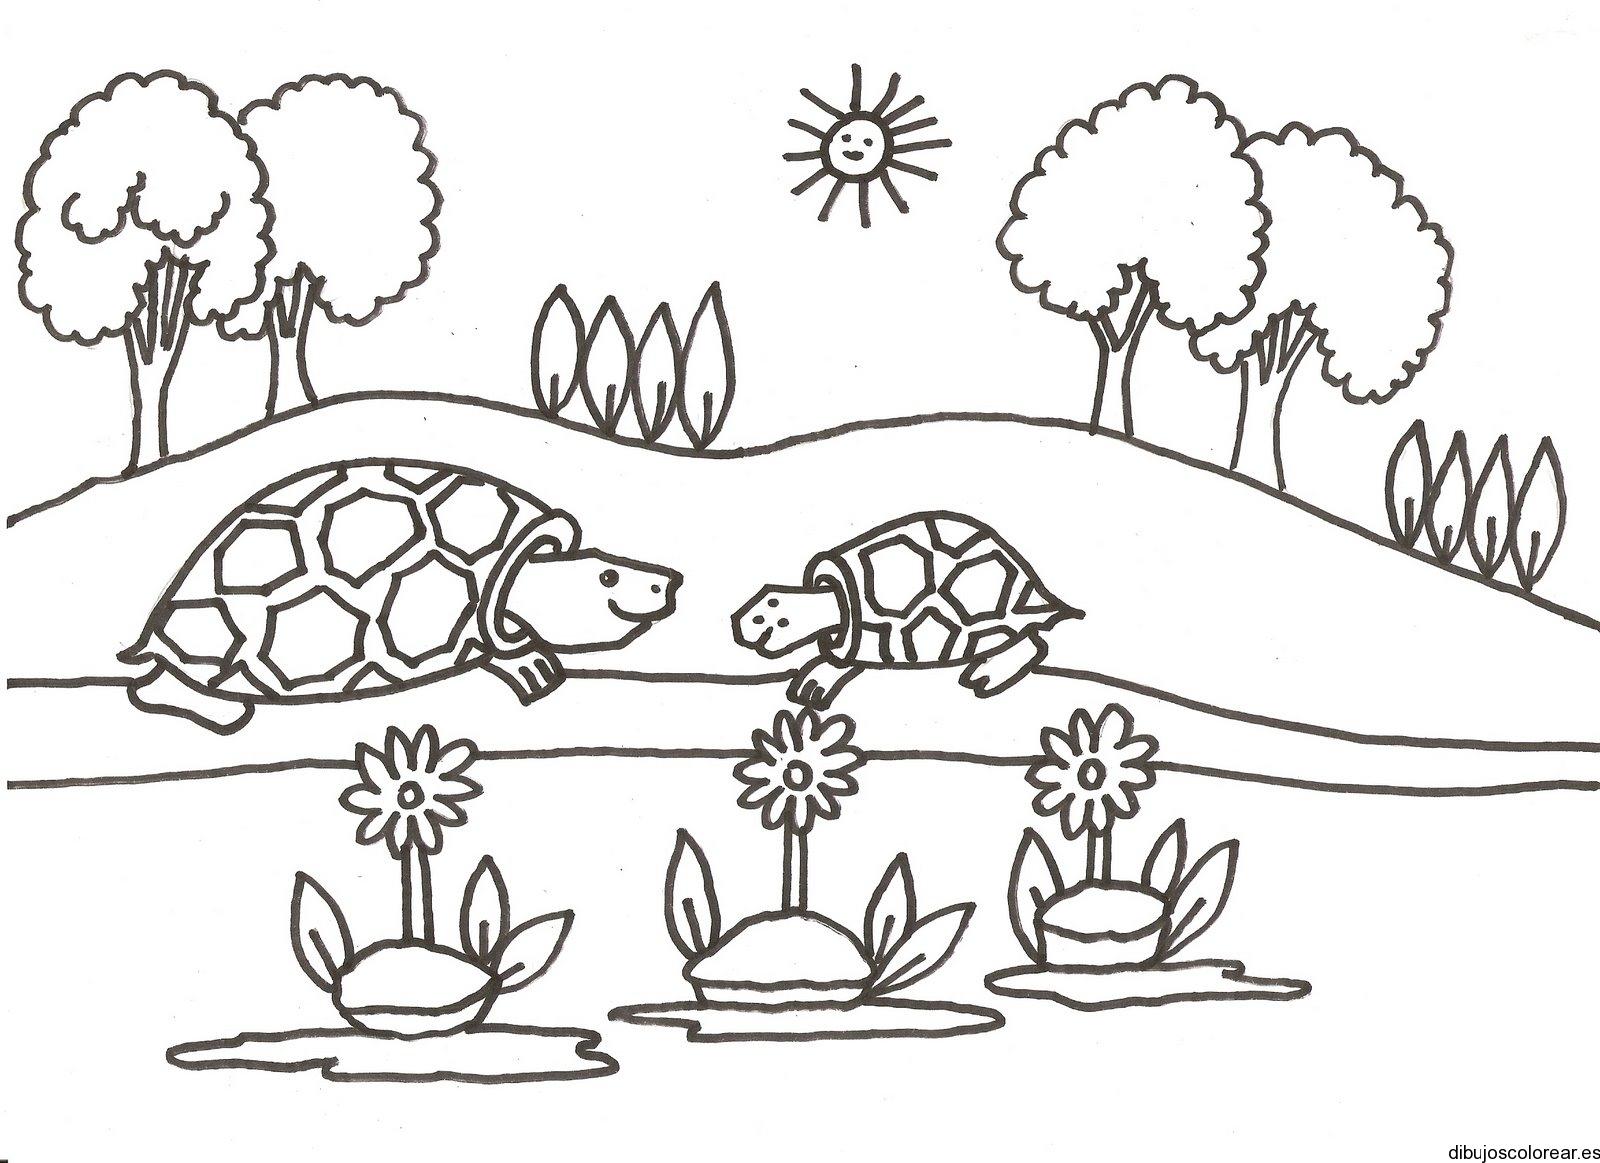 dibujo de dos tortugas charlando